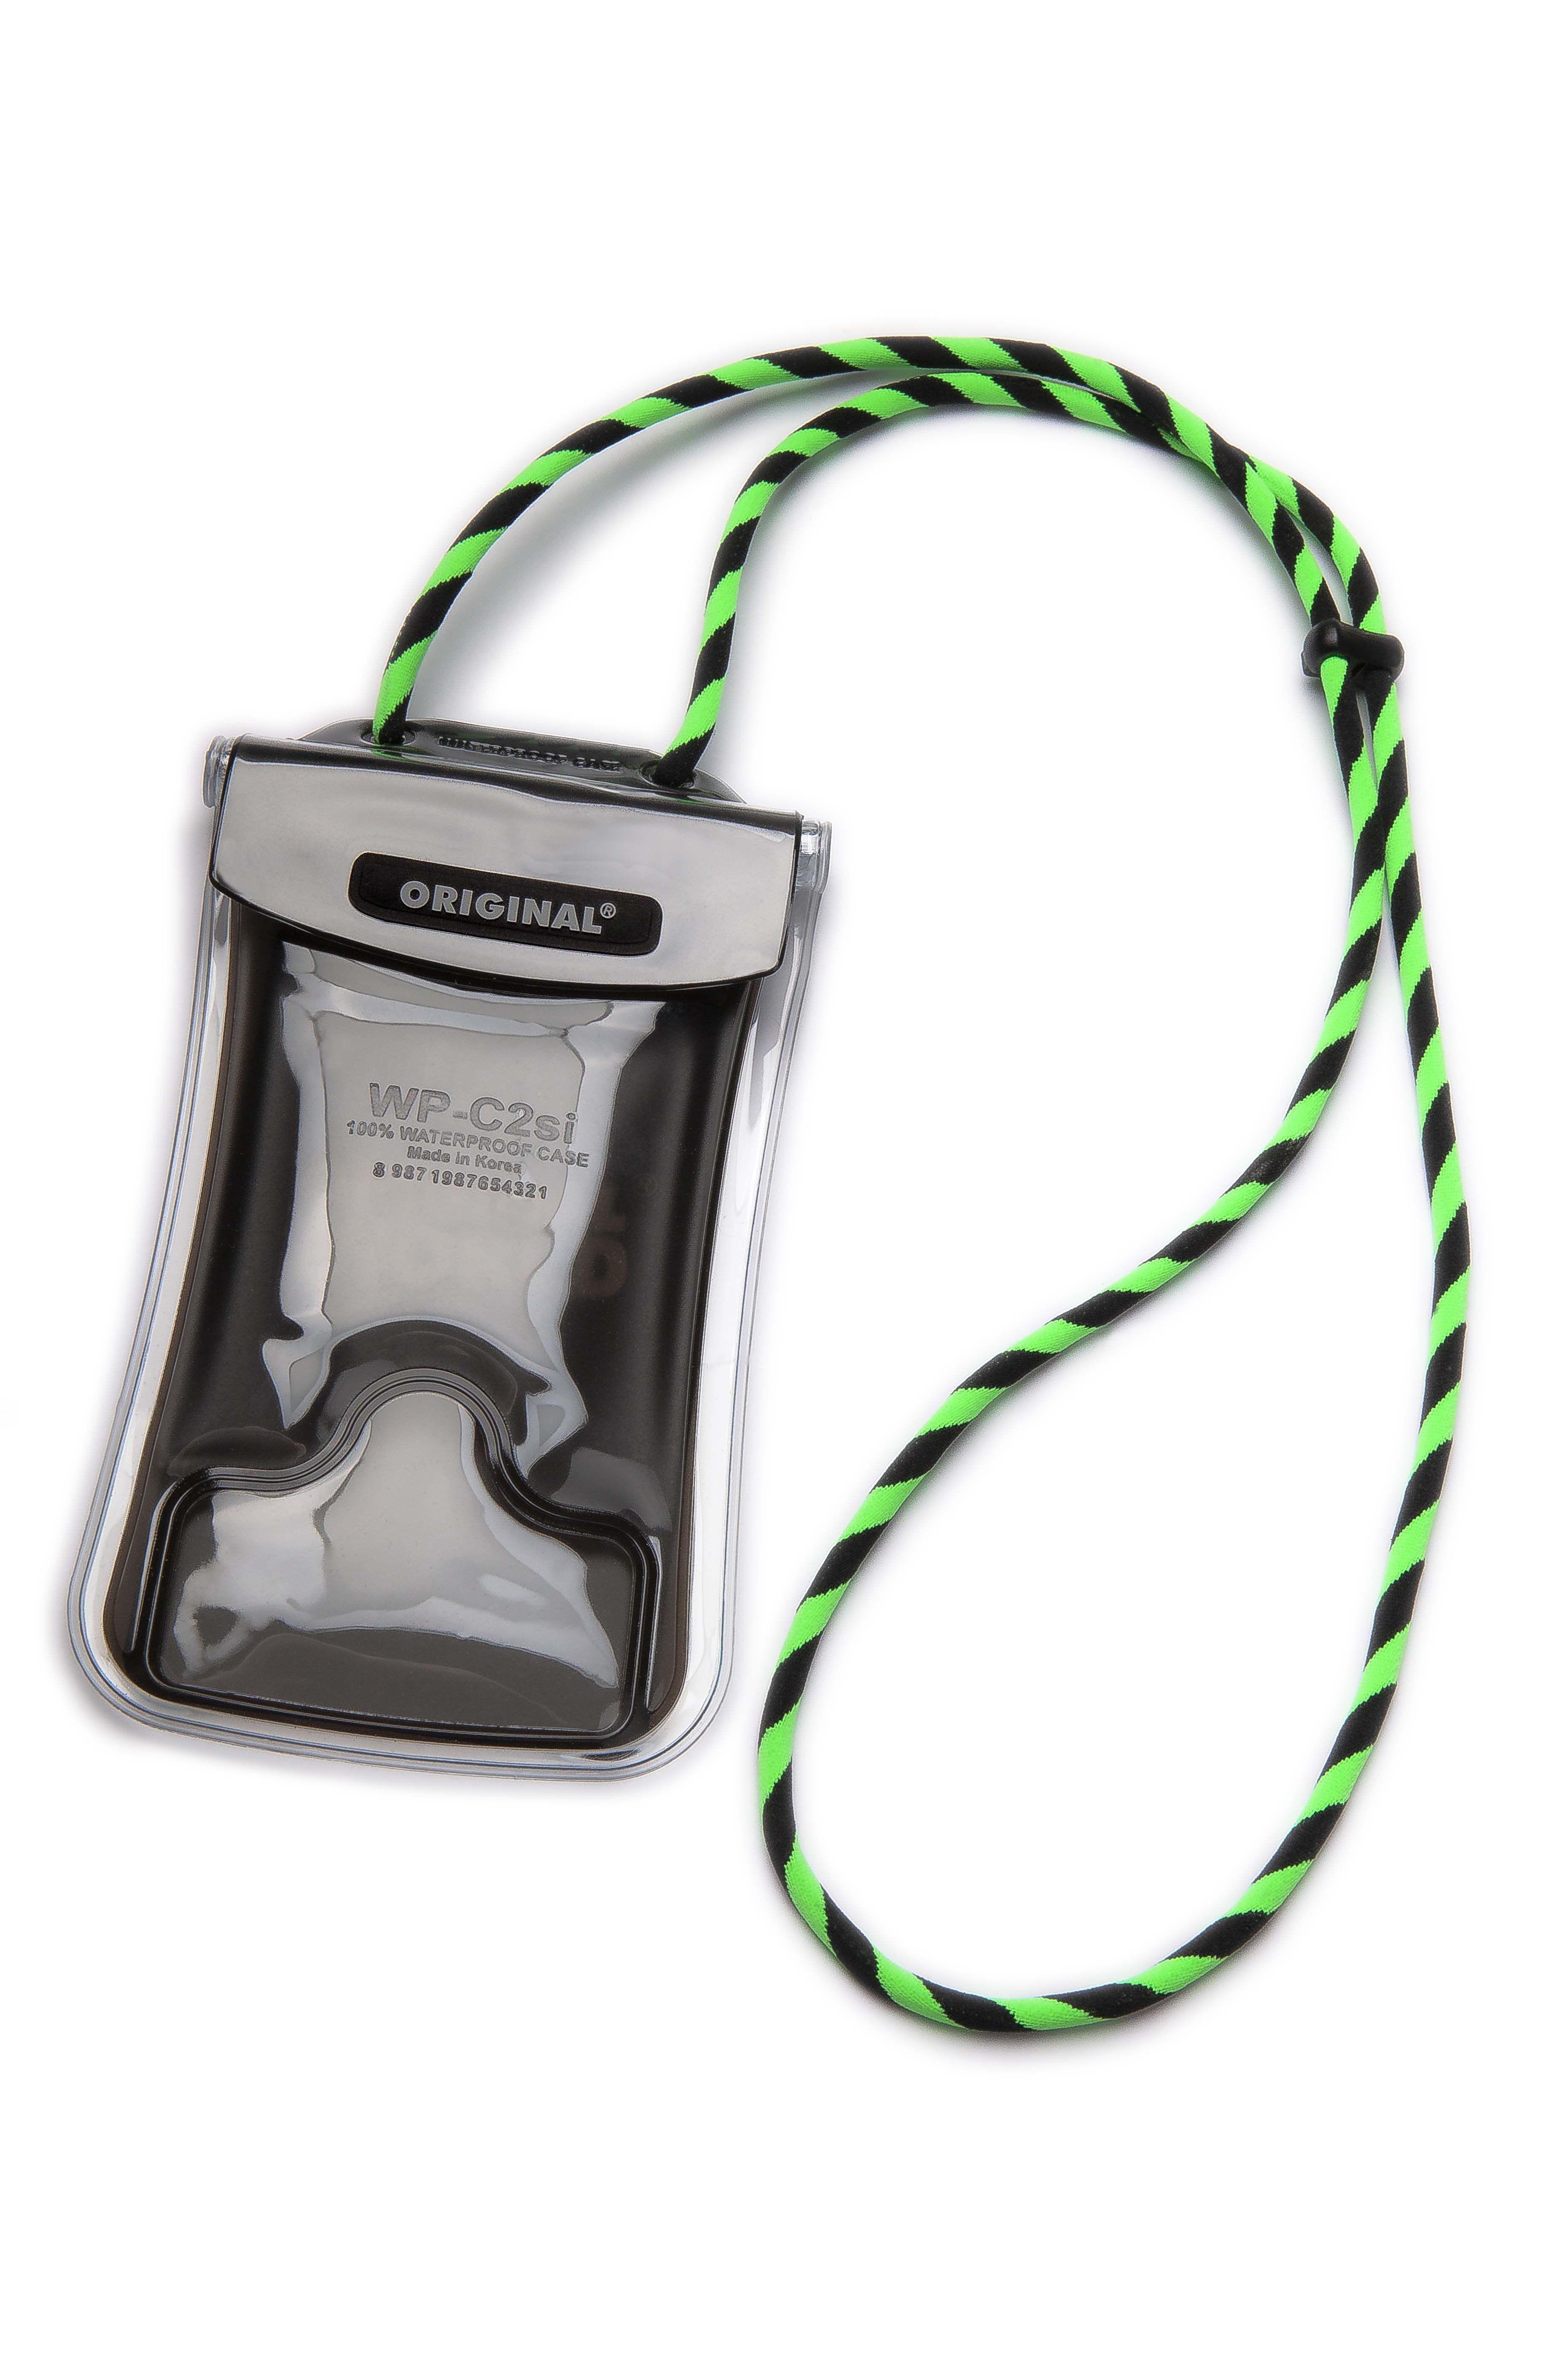 Original Lanyards Keychain SURFIE PRO XL CLEAR Hexachrome Green/Black